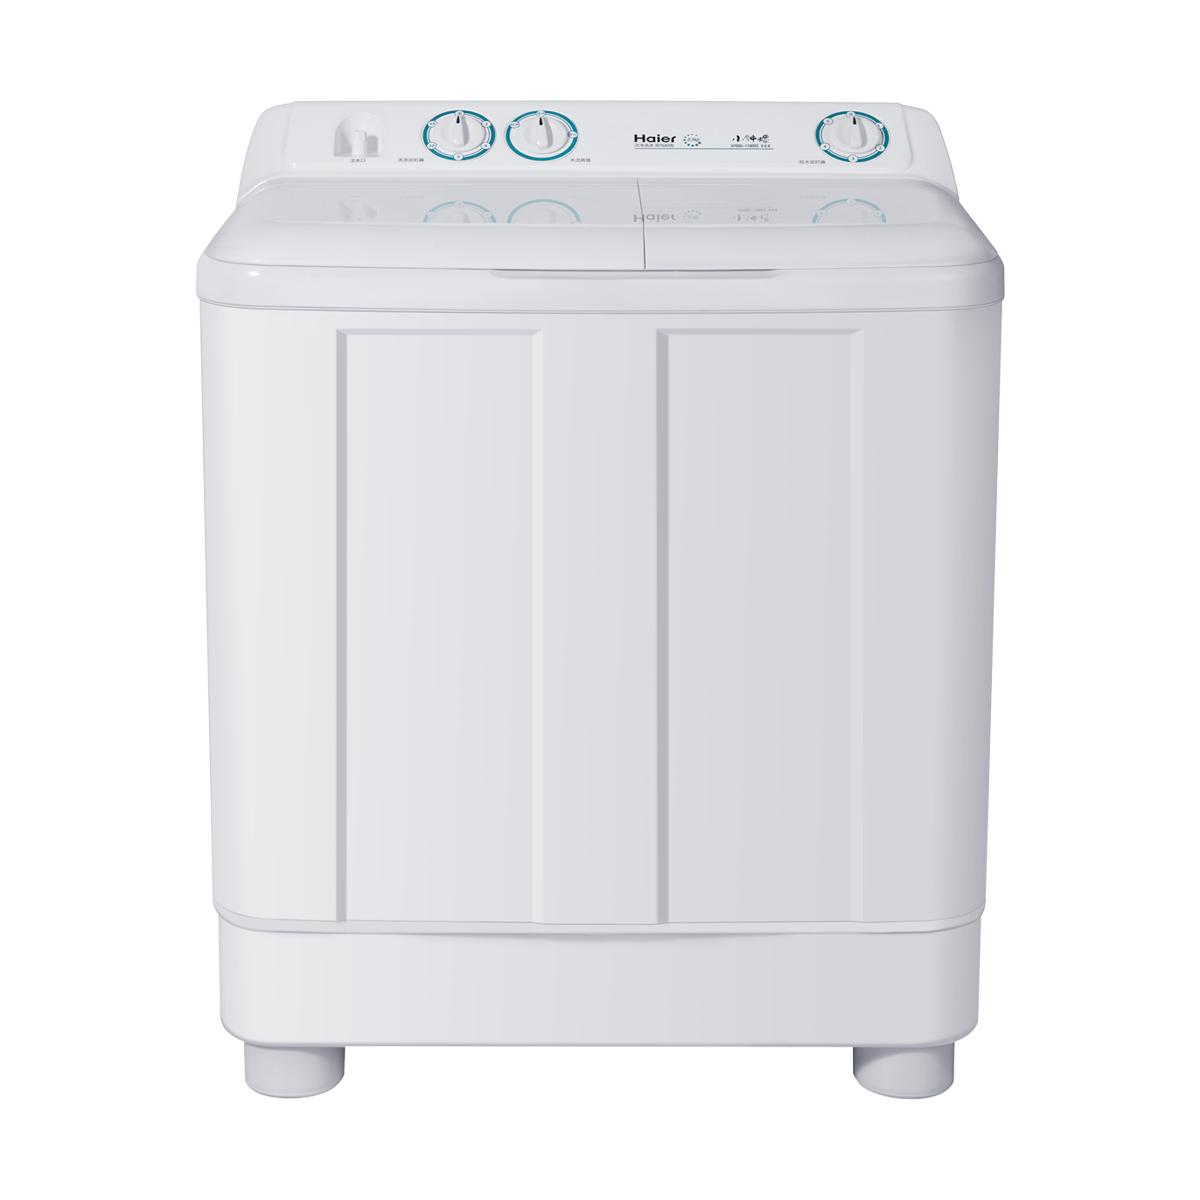 海尔Haier洗衣机 XPB85-1186BS 说明书